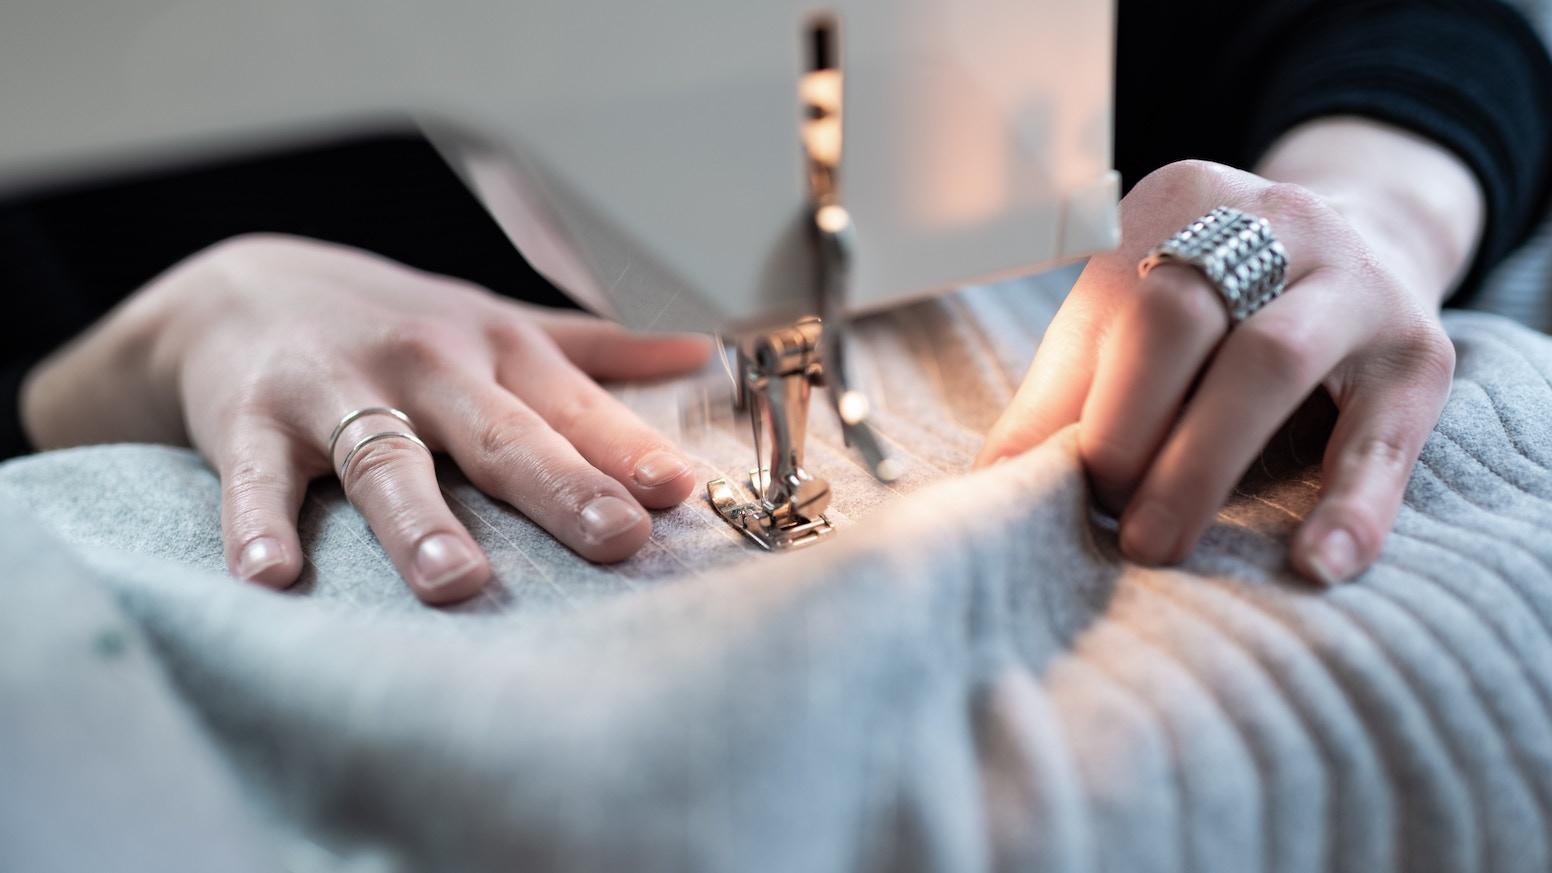 Interieur Passion Home Textiles kvp - textile design new collectionkim vande pitte